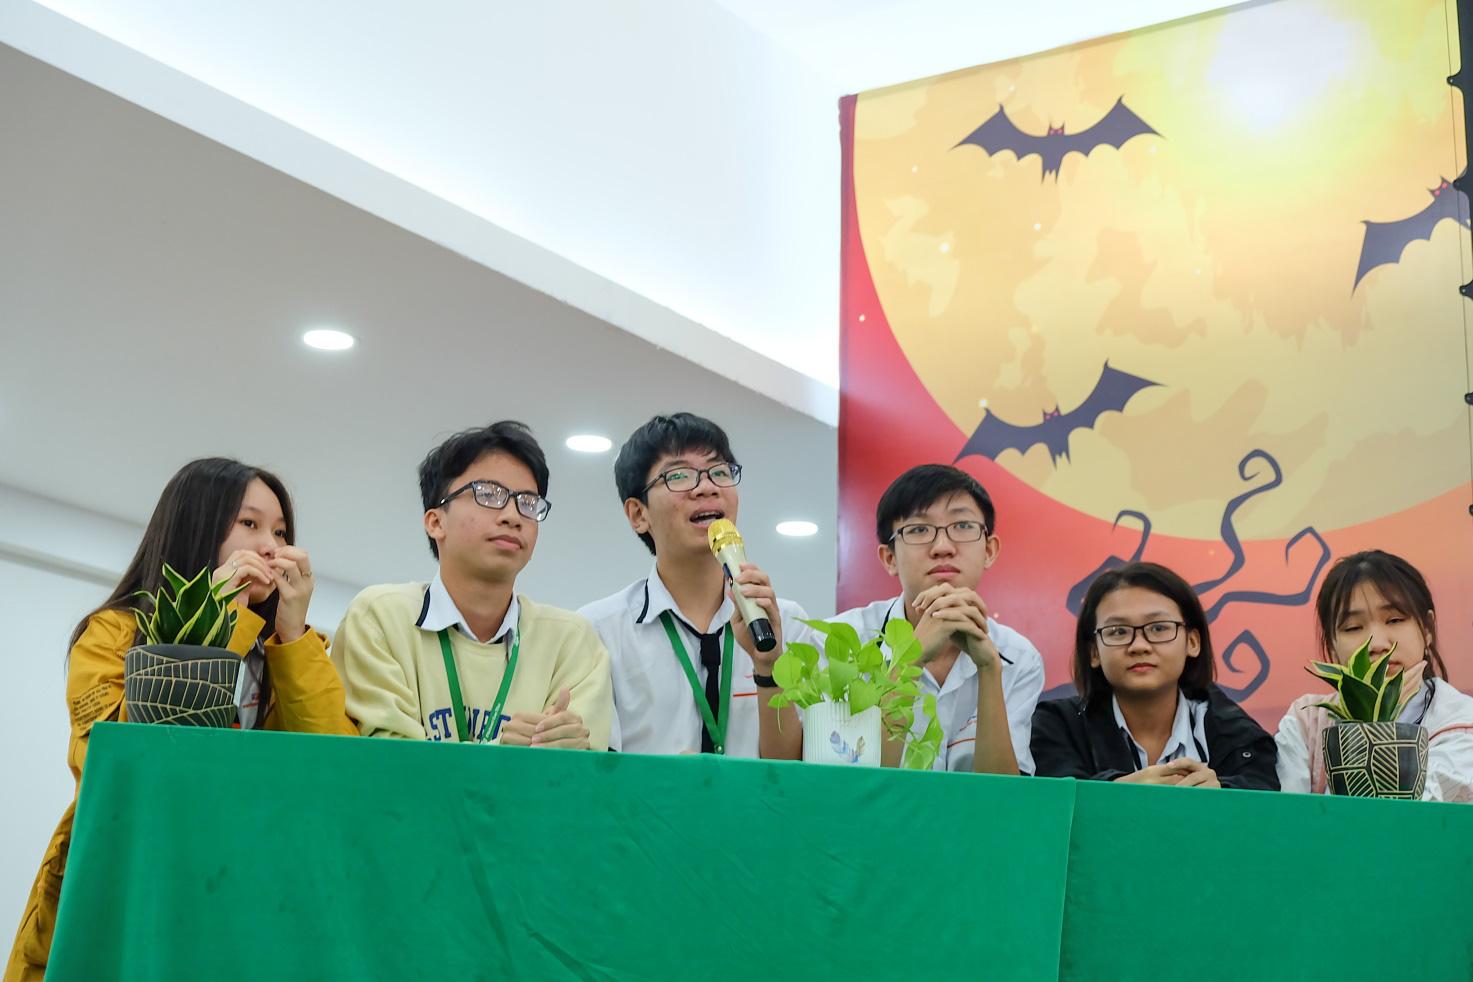 Học sinh Fschool Cần Thơ thỏa sức sáng tạo trong giờ học văn - Ảnh 2.